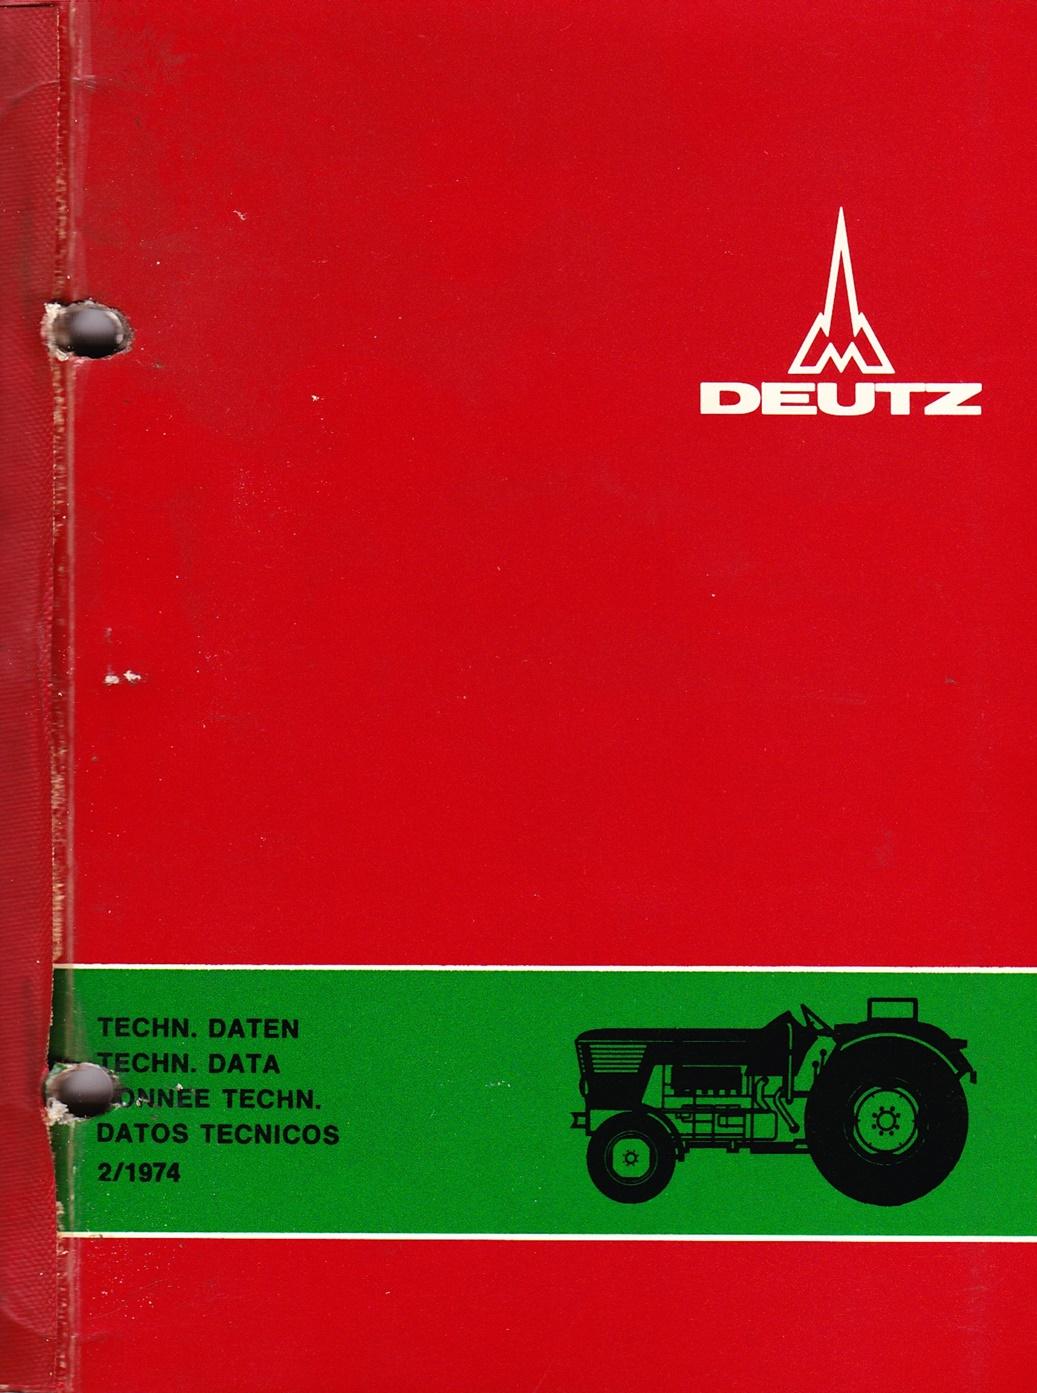 DEUTZ Reperaturanleitungen Radschlepper D 80 06 / D 100 06 / D 130 06 und Traktoren D 40 06 - D 130 06